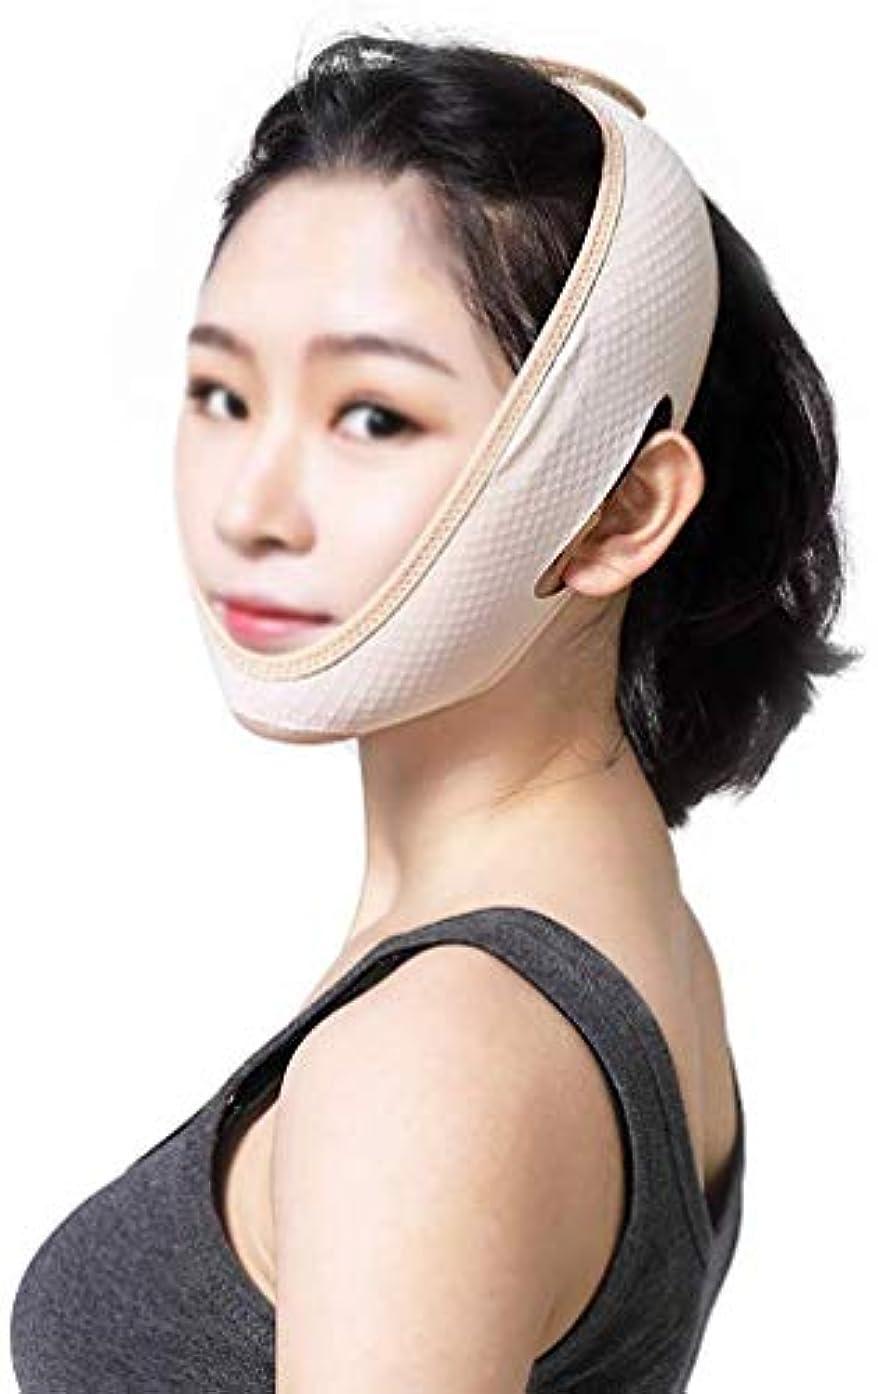 各胃競う美容と実用的な医療美容ラインカービング術後回復マスクV顔リフティングタイトヘッドギアチンチンバンデージシンフェイスインストゥルメントアーティファクト